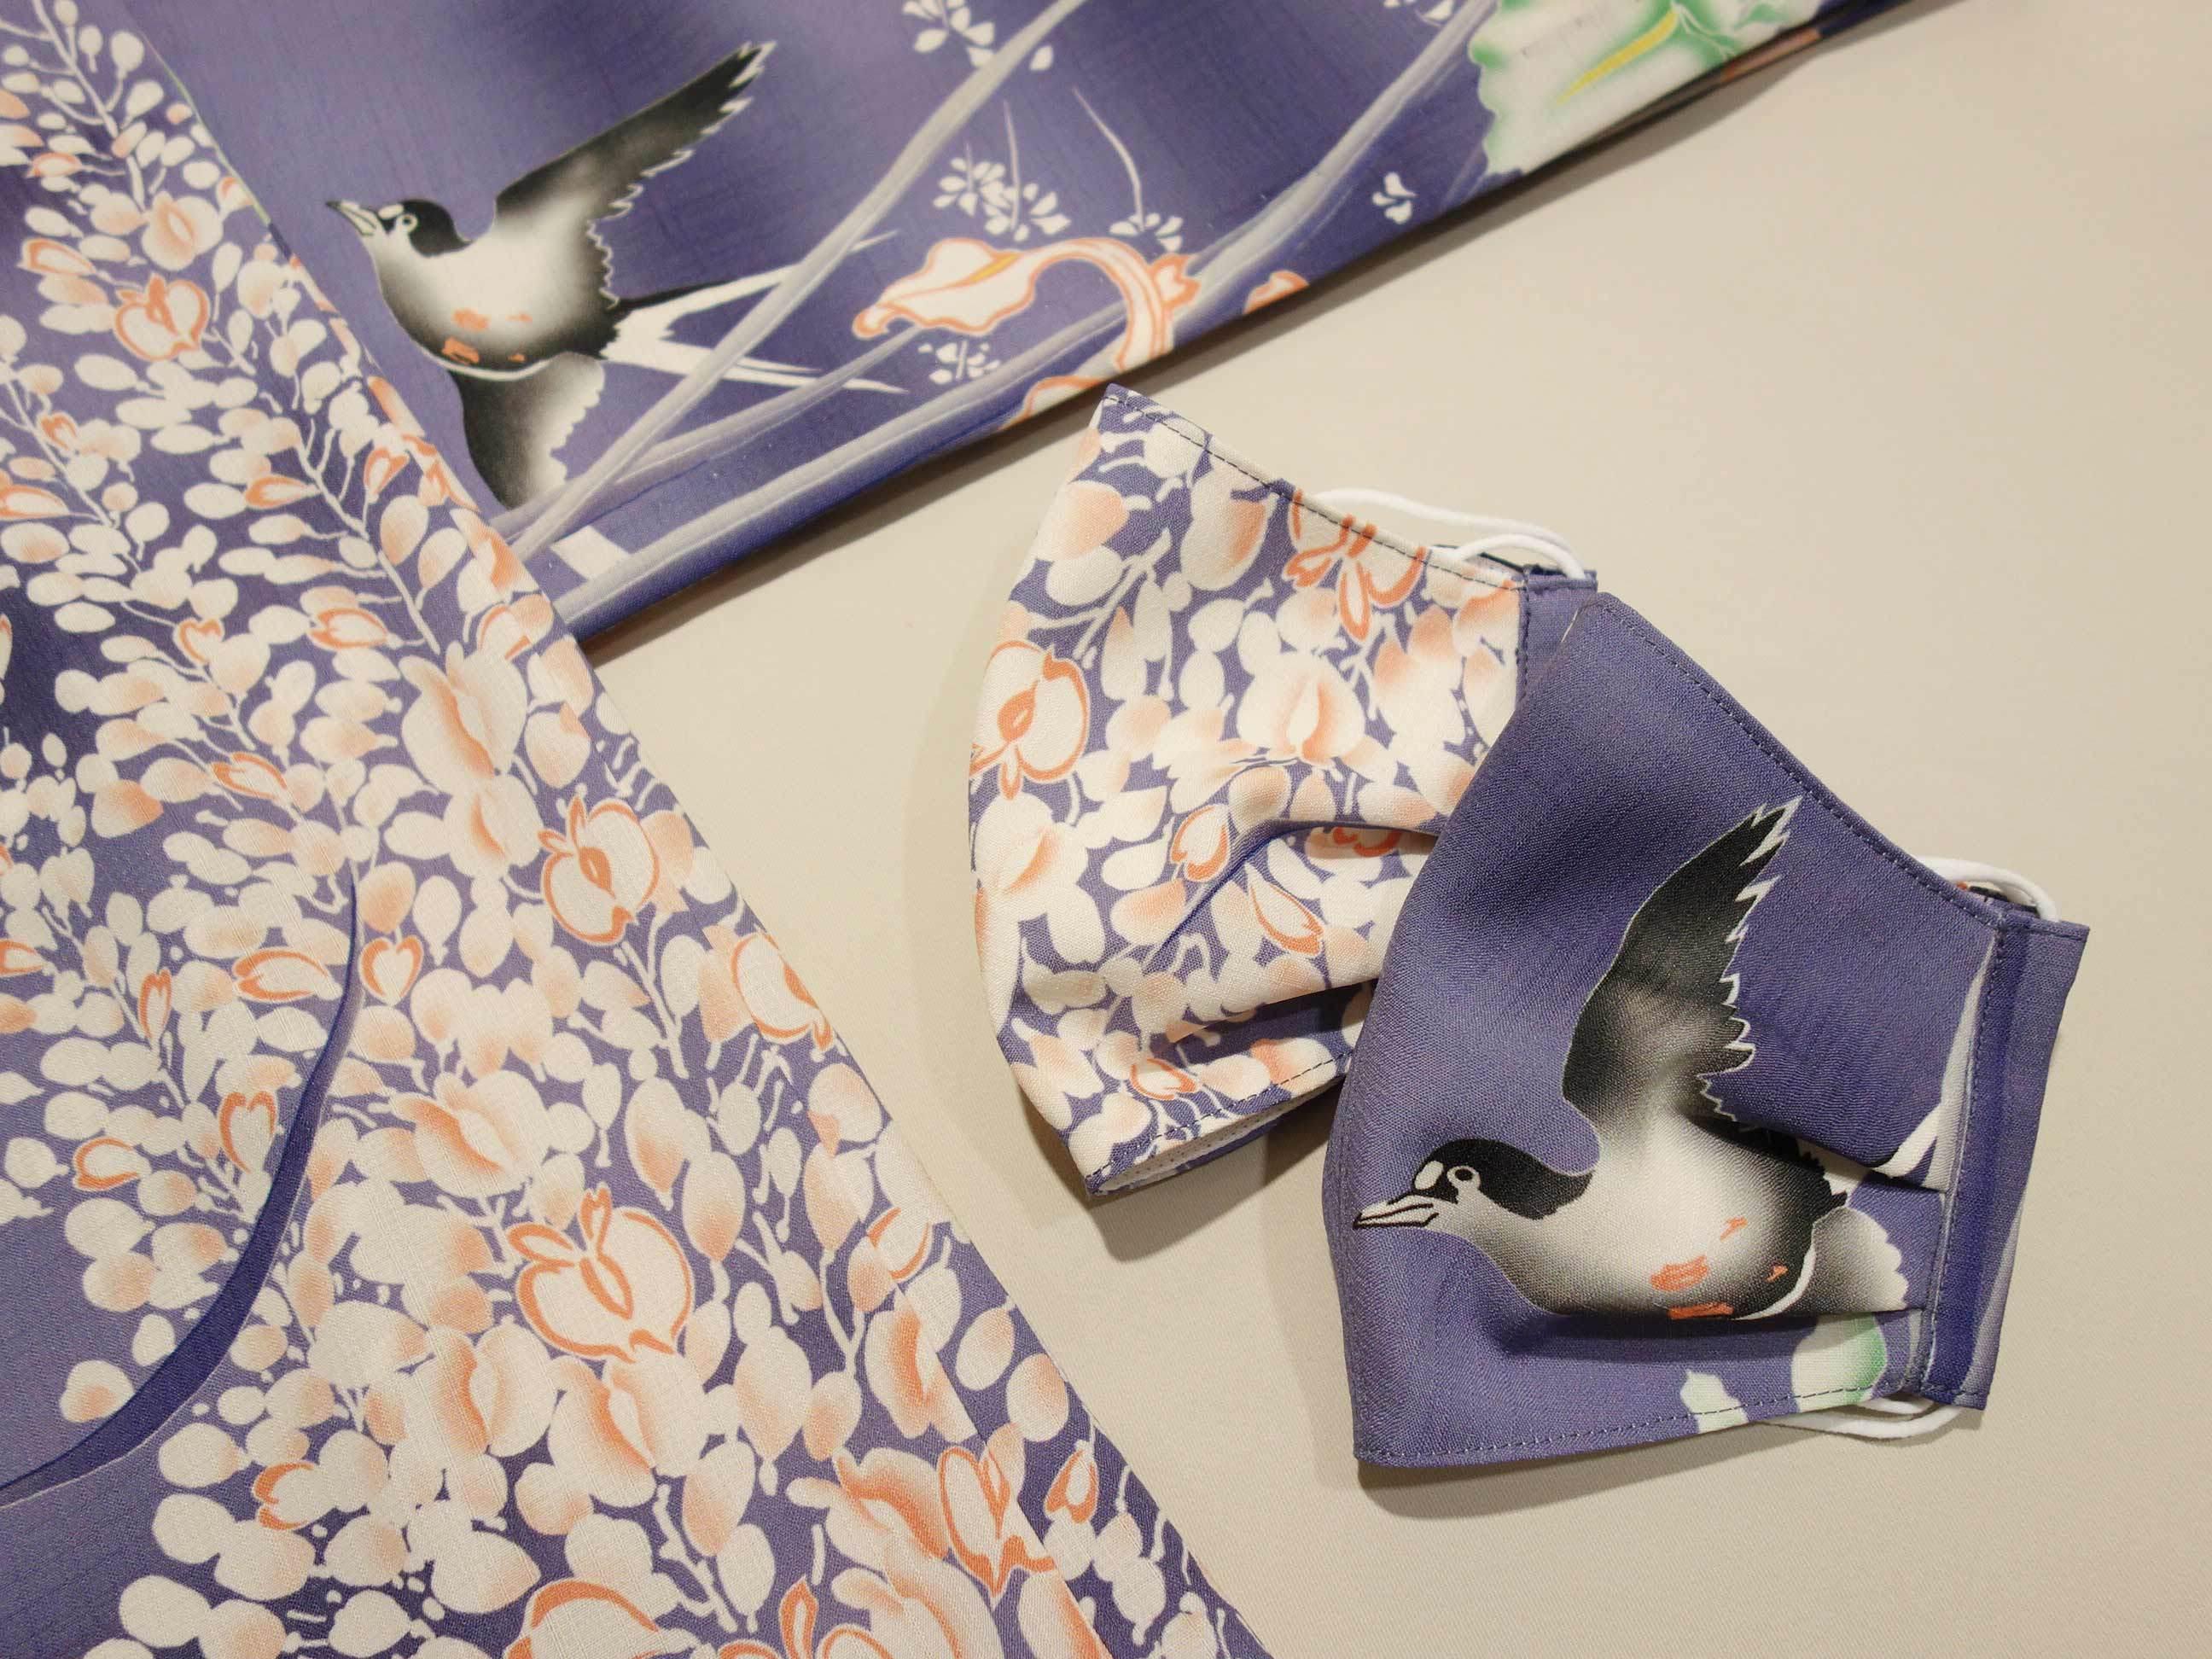 本日新柄マスク「藤とツバメ」新宿店に入荷!_e0167832_13545240.jpg